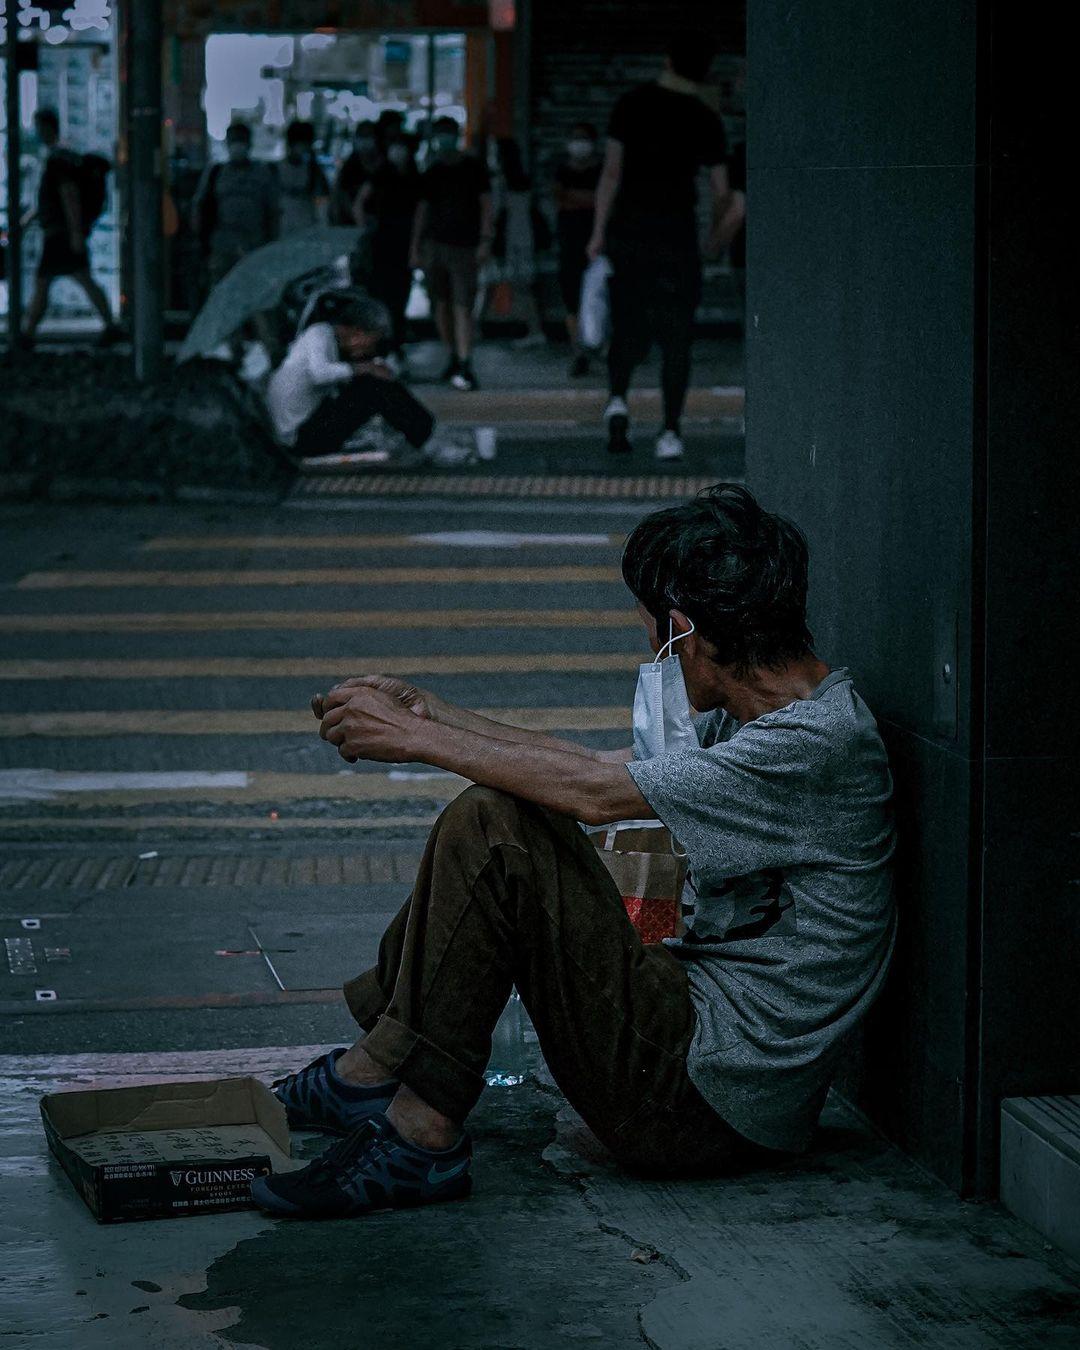 Nghèo không phải là cái tội, nhưng nghèo mà mang hai tâm lý này thì cả đời không ngóc đầu lên nổi-1